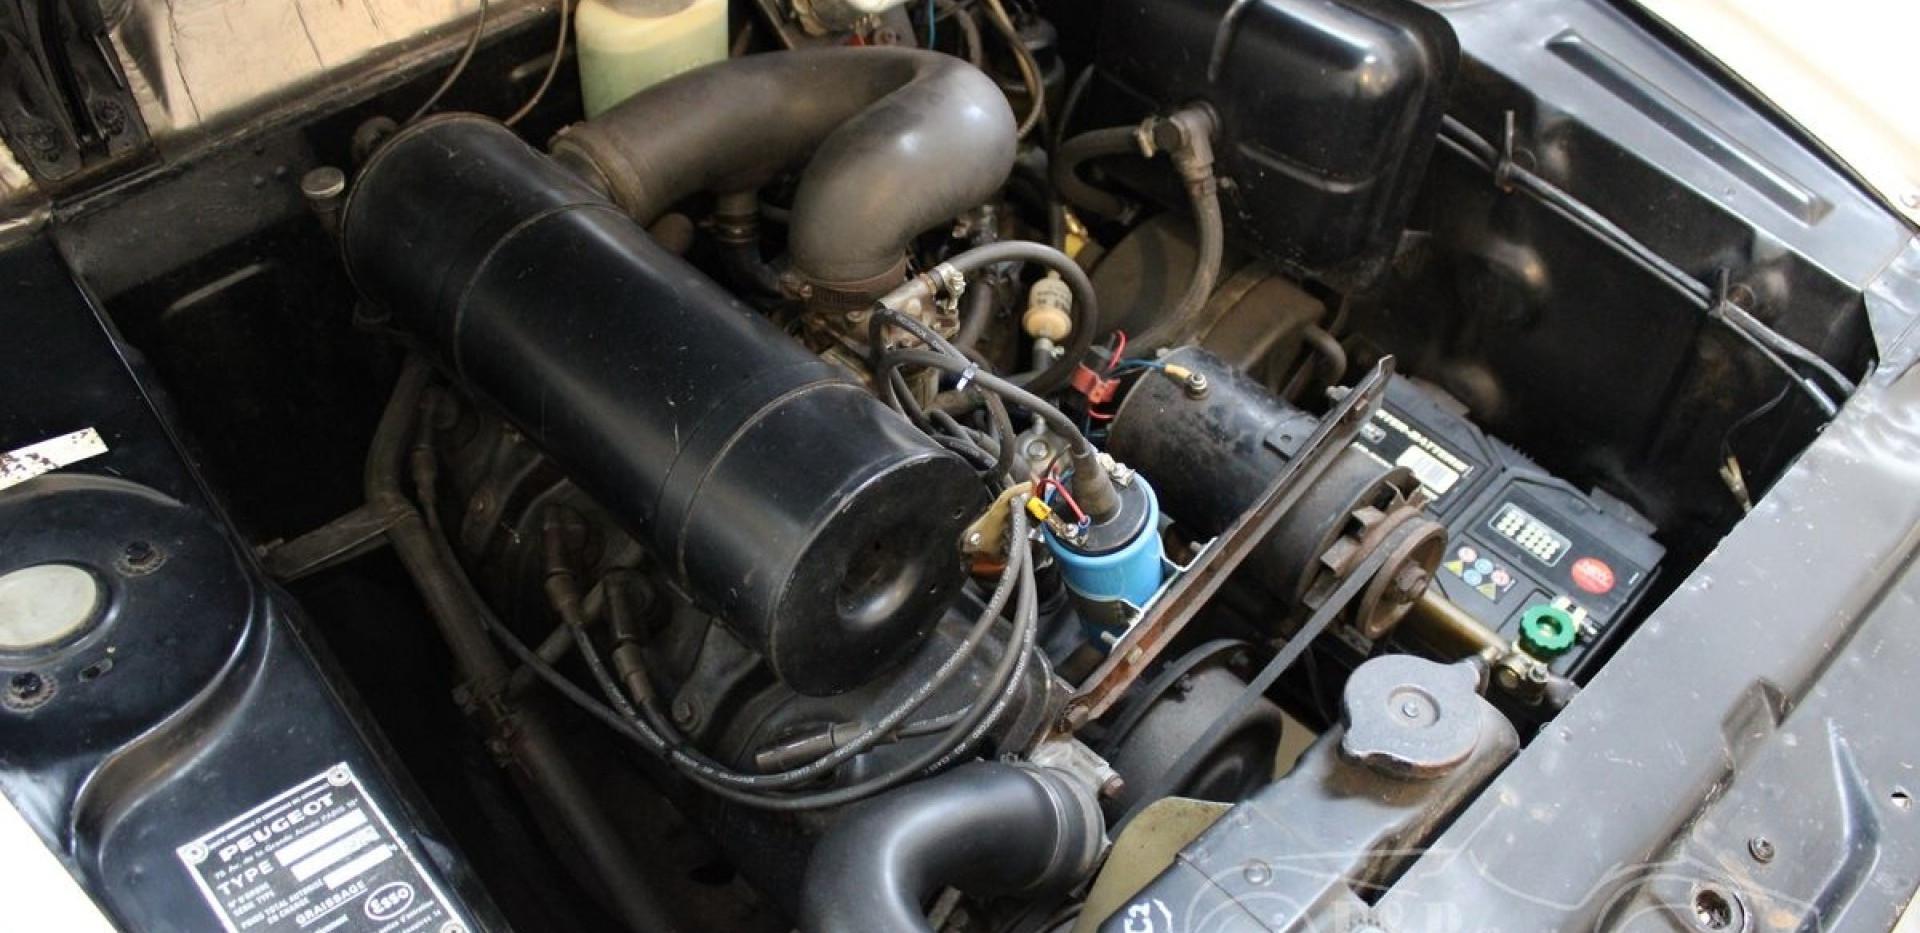 peugeot-404-1967-p5516-082.jpg